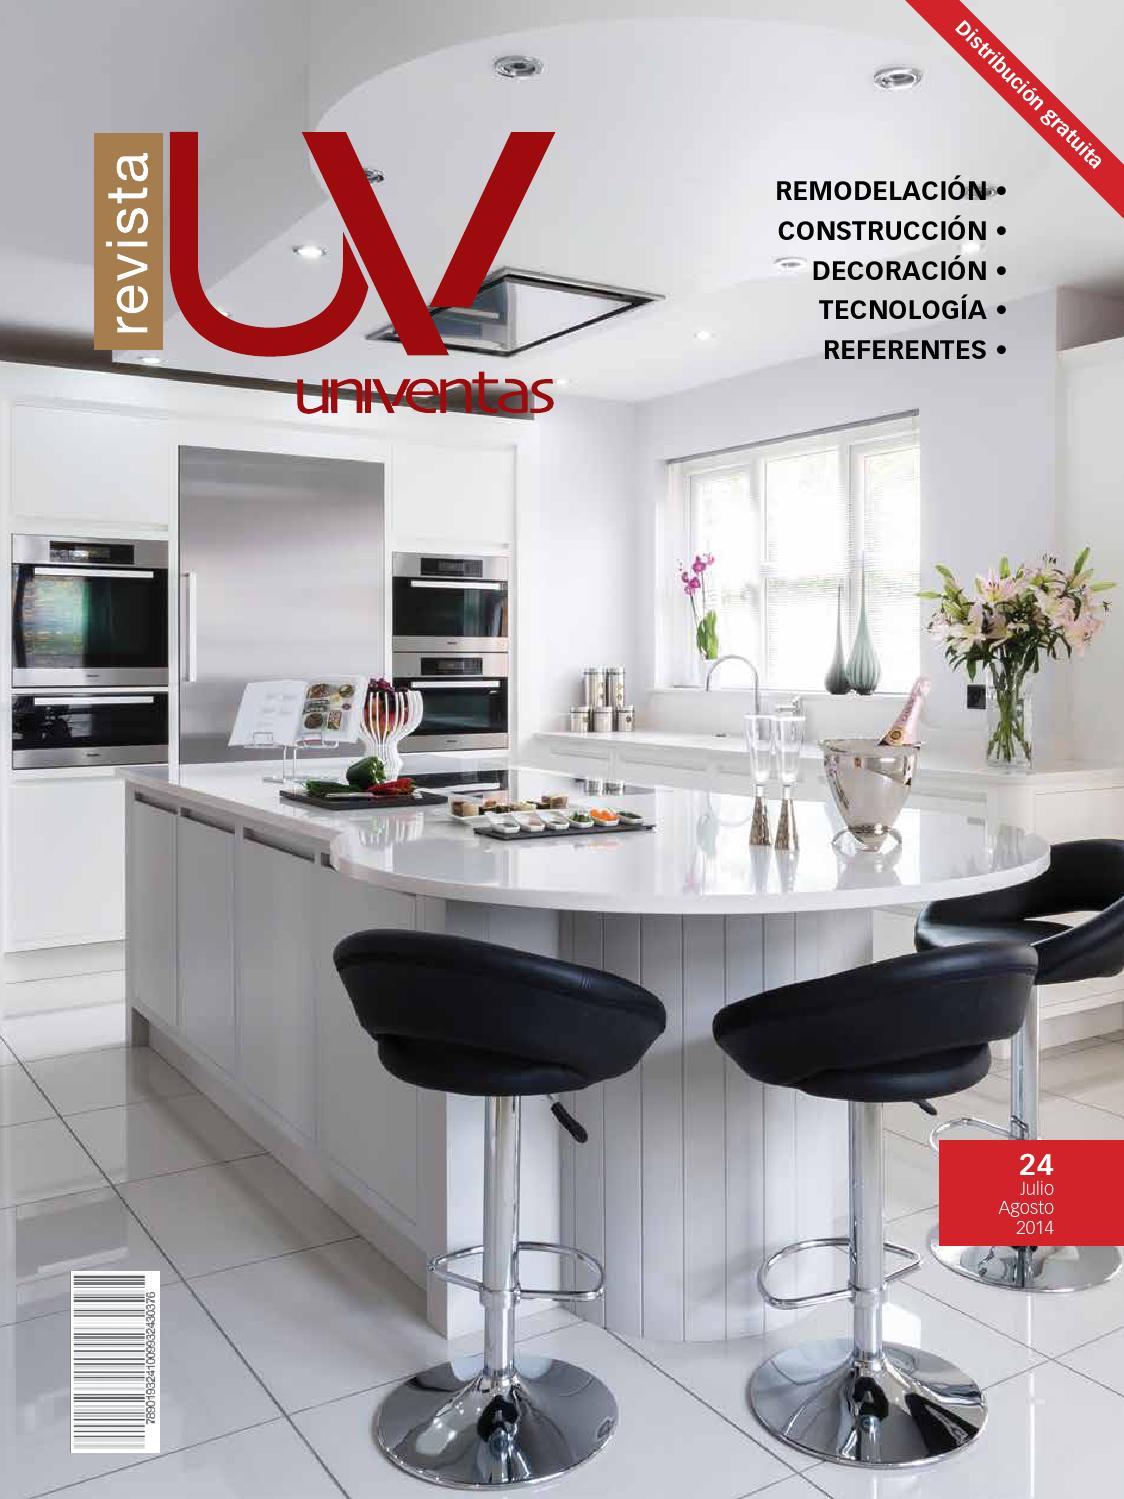 Revista UV número 24 by IDEO Centro de Diseño y Construcción - issuu